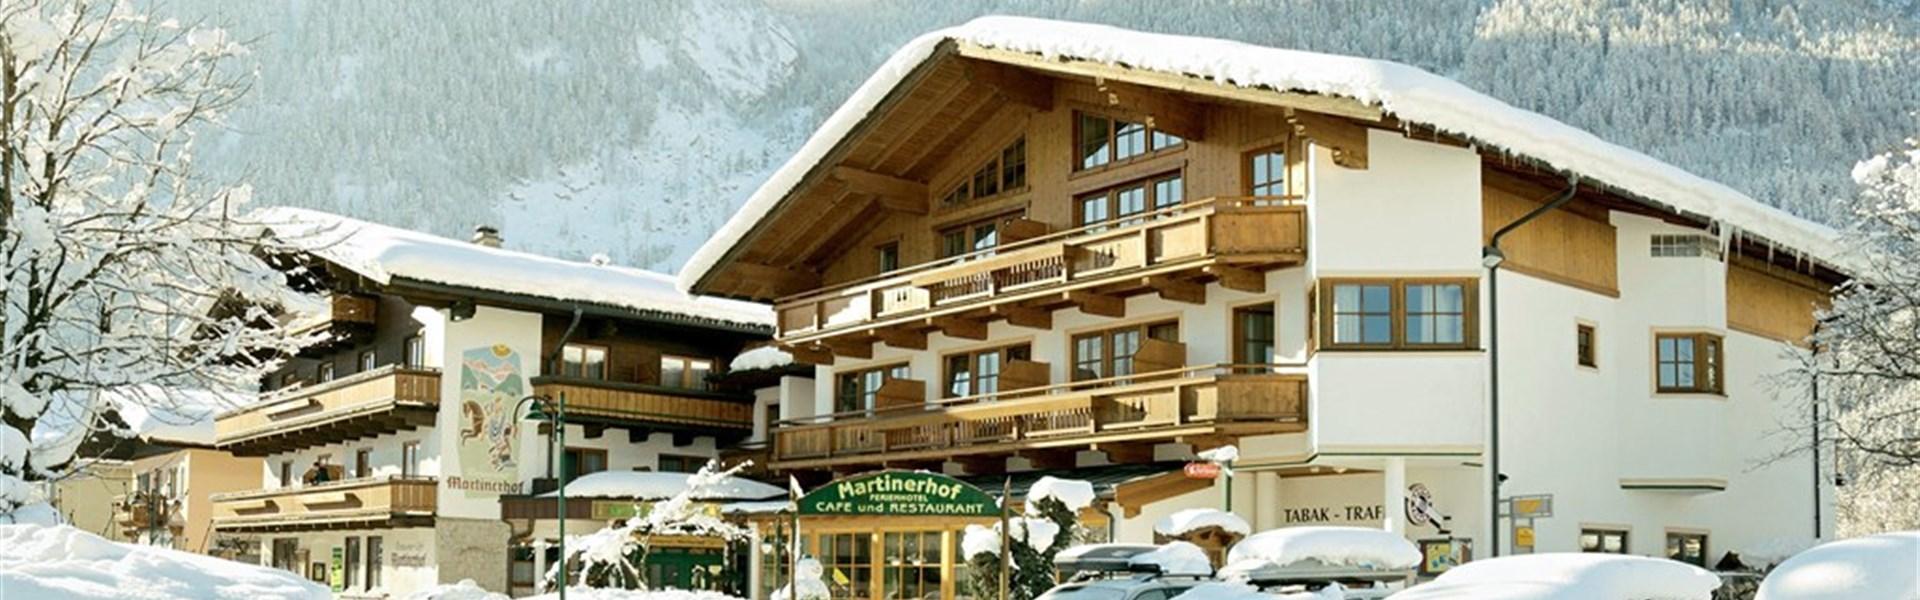 Ferienhotel Martinerhof -